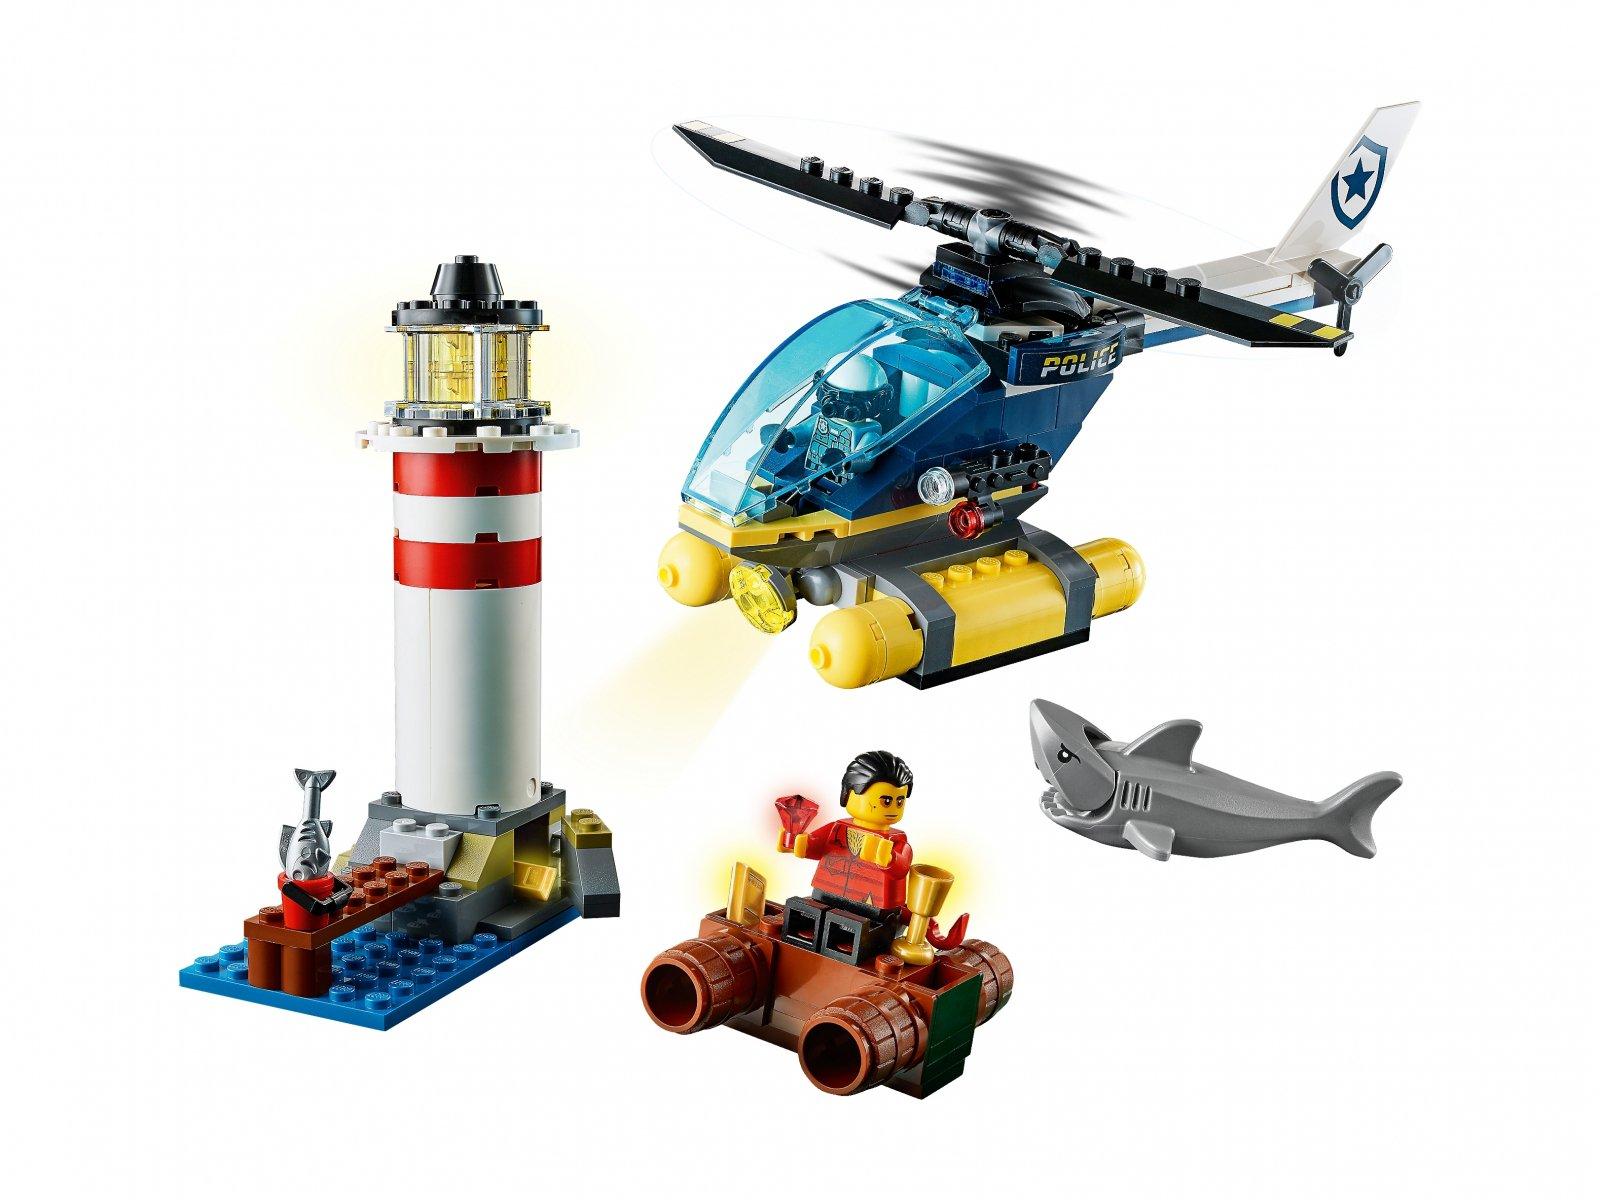 LEGO 60274 Policja specjalna i zatrzymanie w latarni morskiej